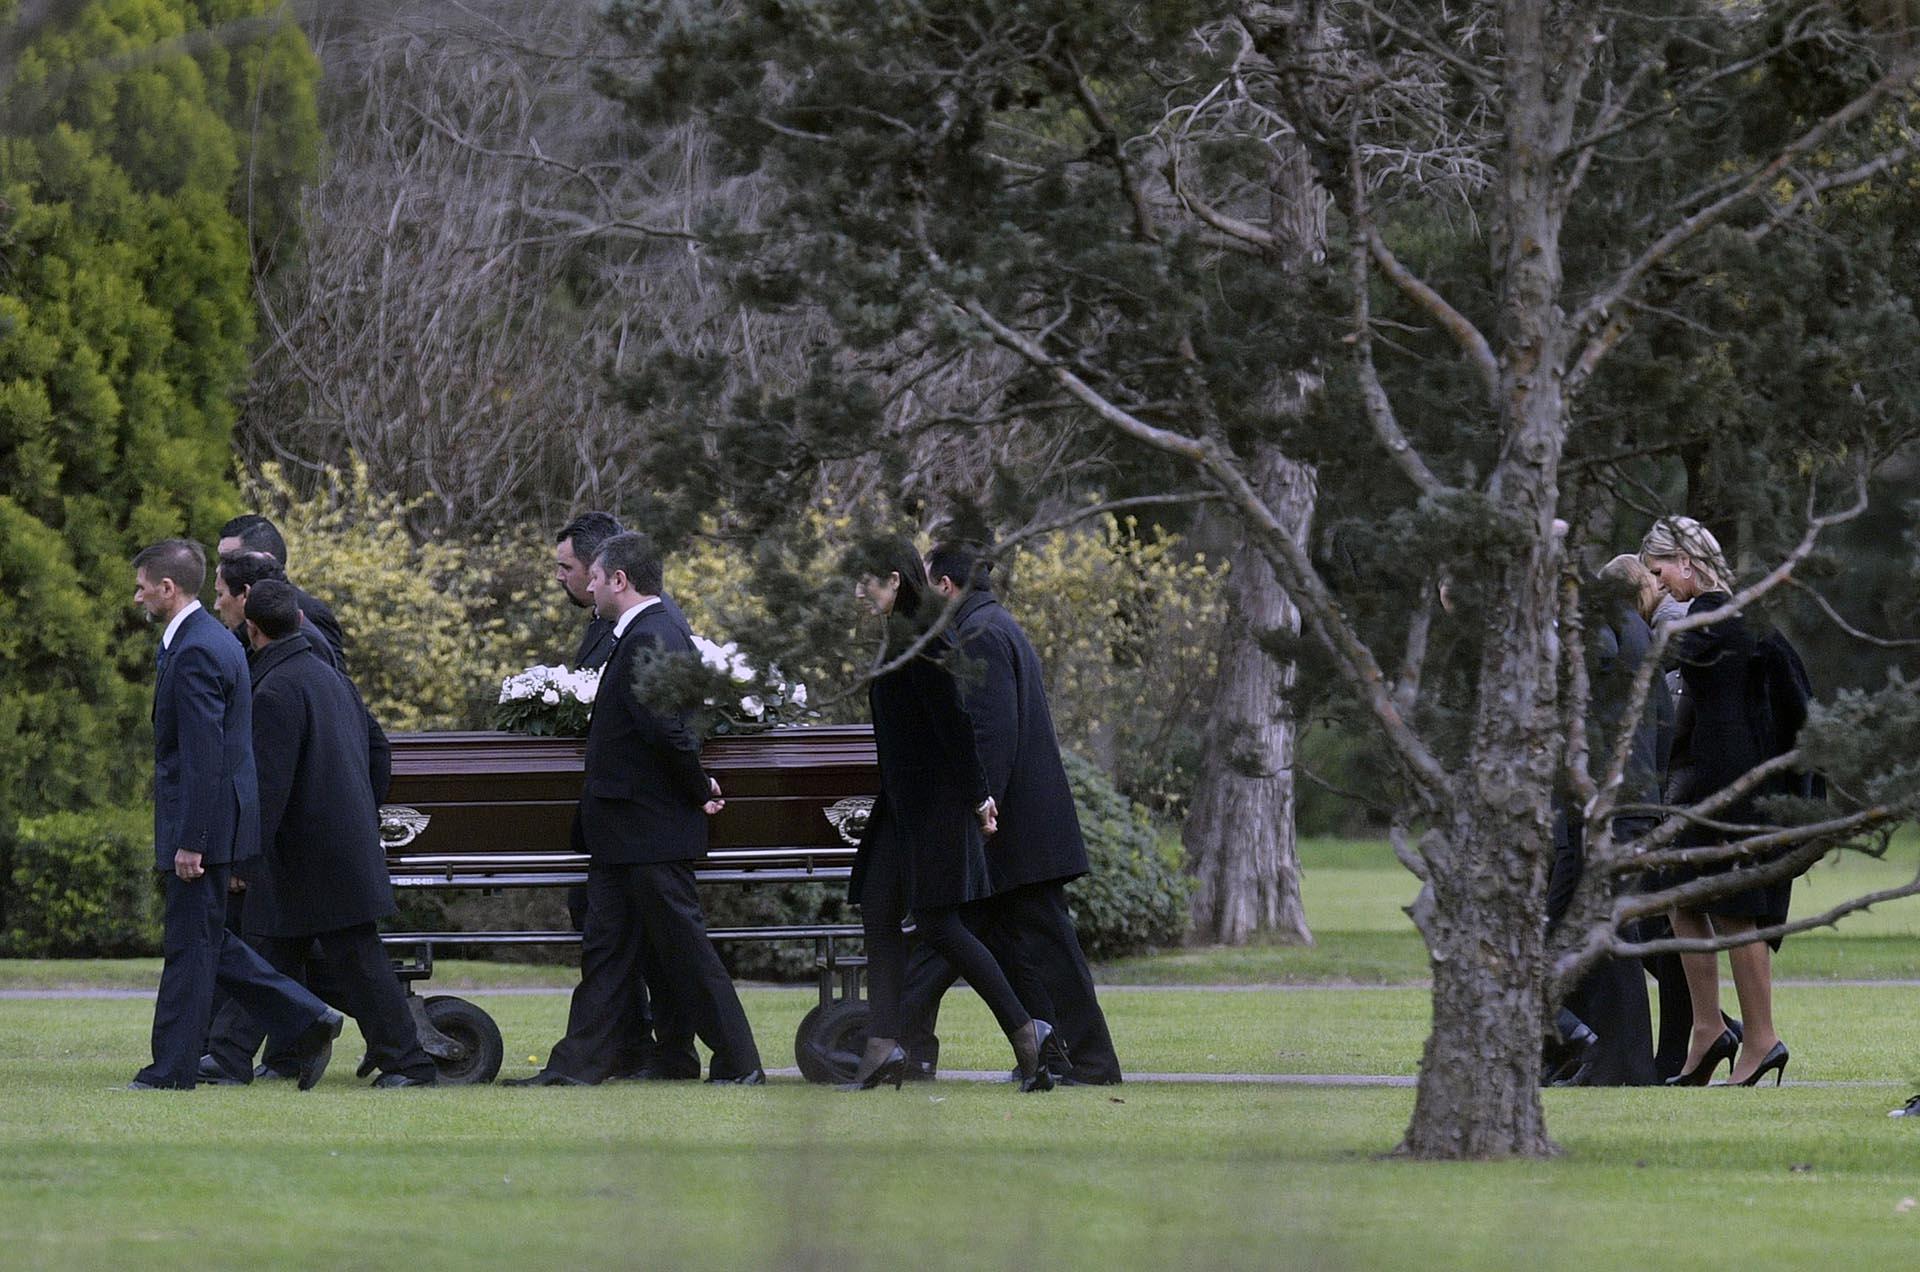 Máxima, impecable de negro y anteojos oscuros, se quebró cuando acompañó el cortejo de su padre por los jardines de Memorial en un día frío y destemplado (AFP MABROMATA)